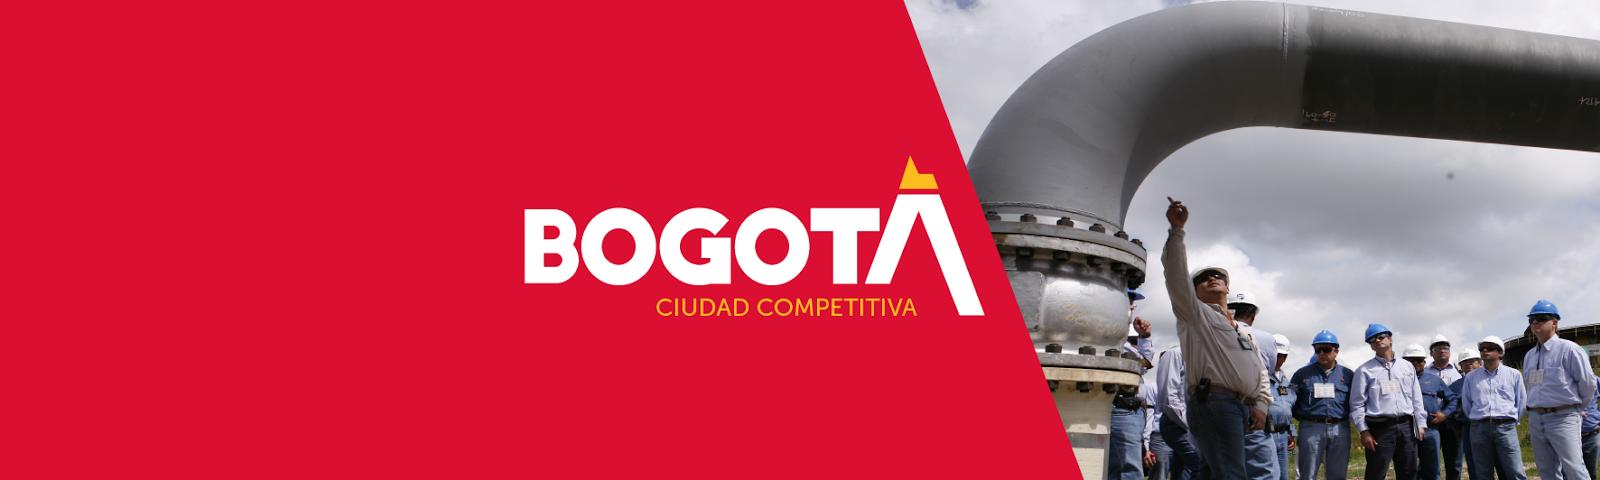 Inversión extranjera en Bogotá